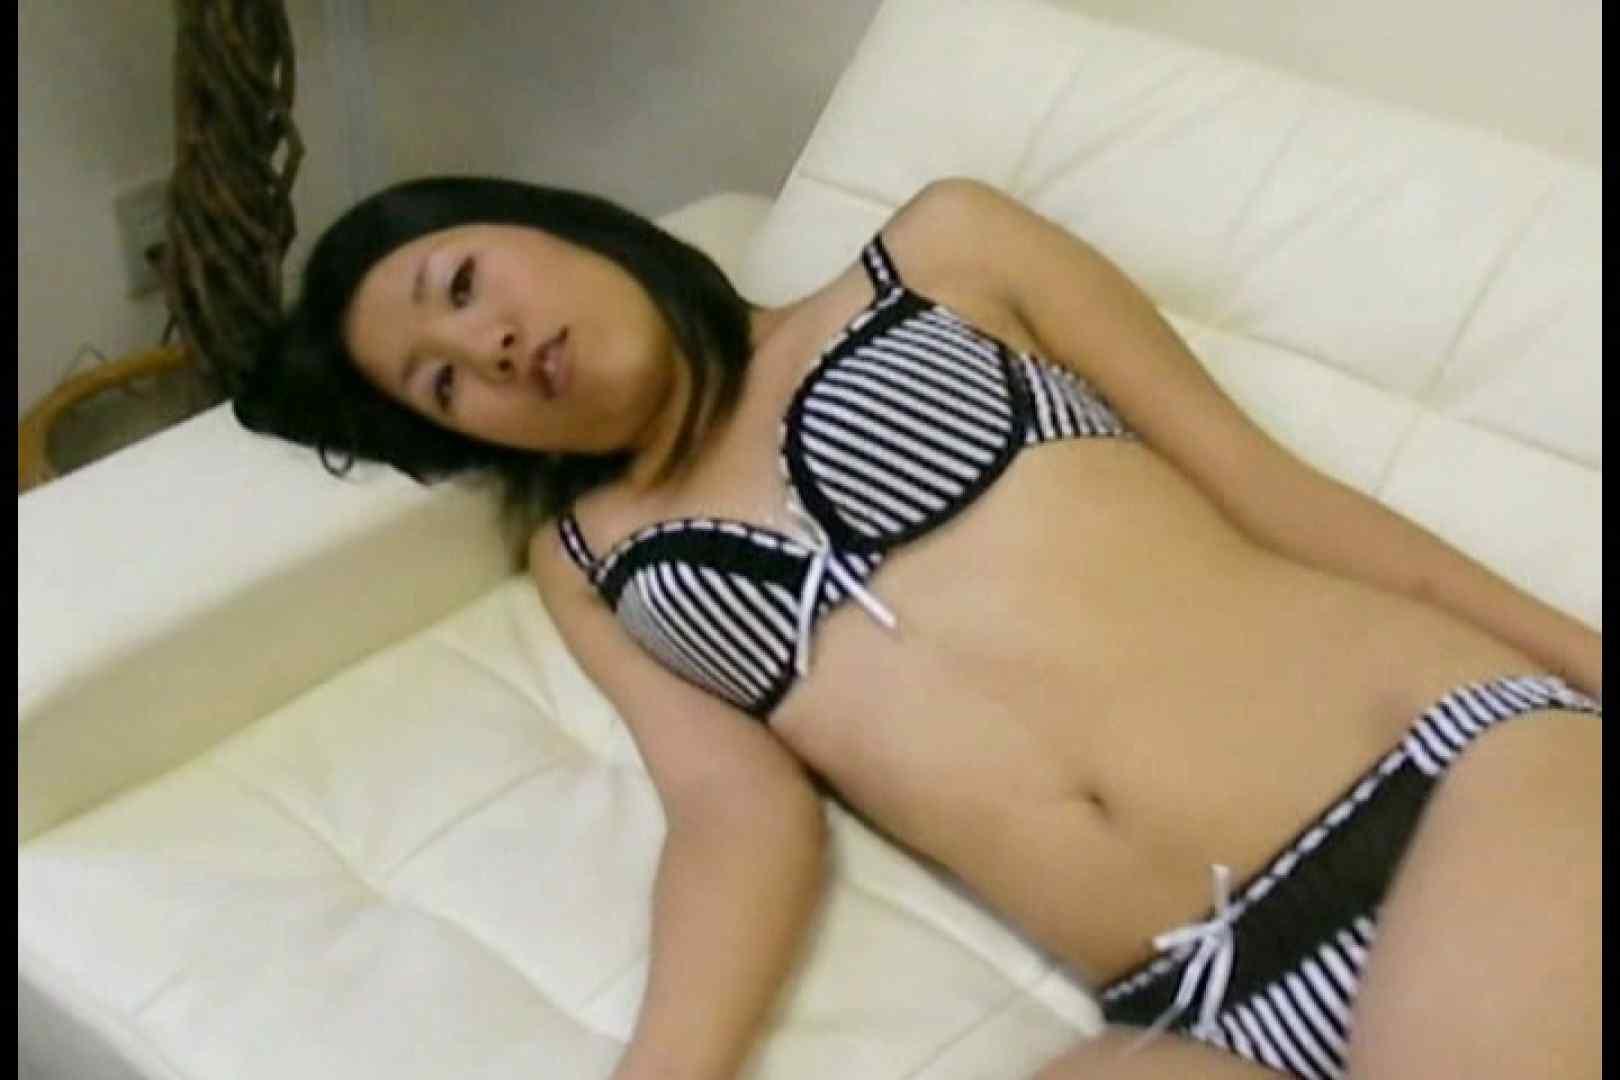 素人撮影 下着だけの撮影のはずが・・・仮名Z子ちゃん 着替え セックス無修正動画無料 78pic 46